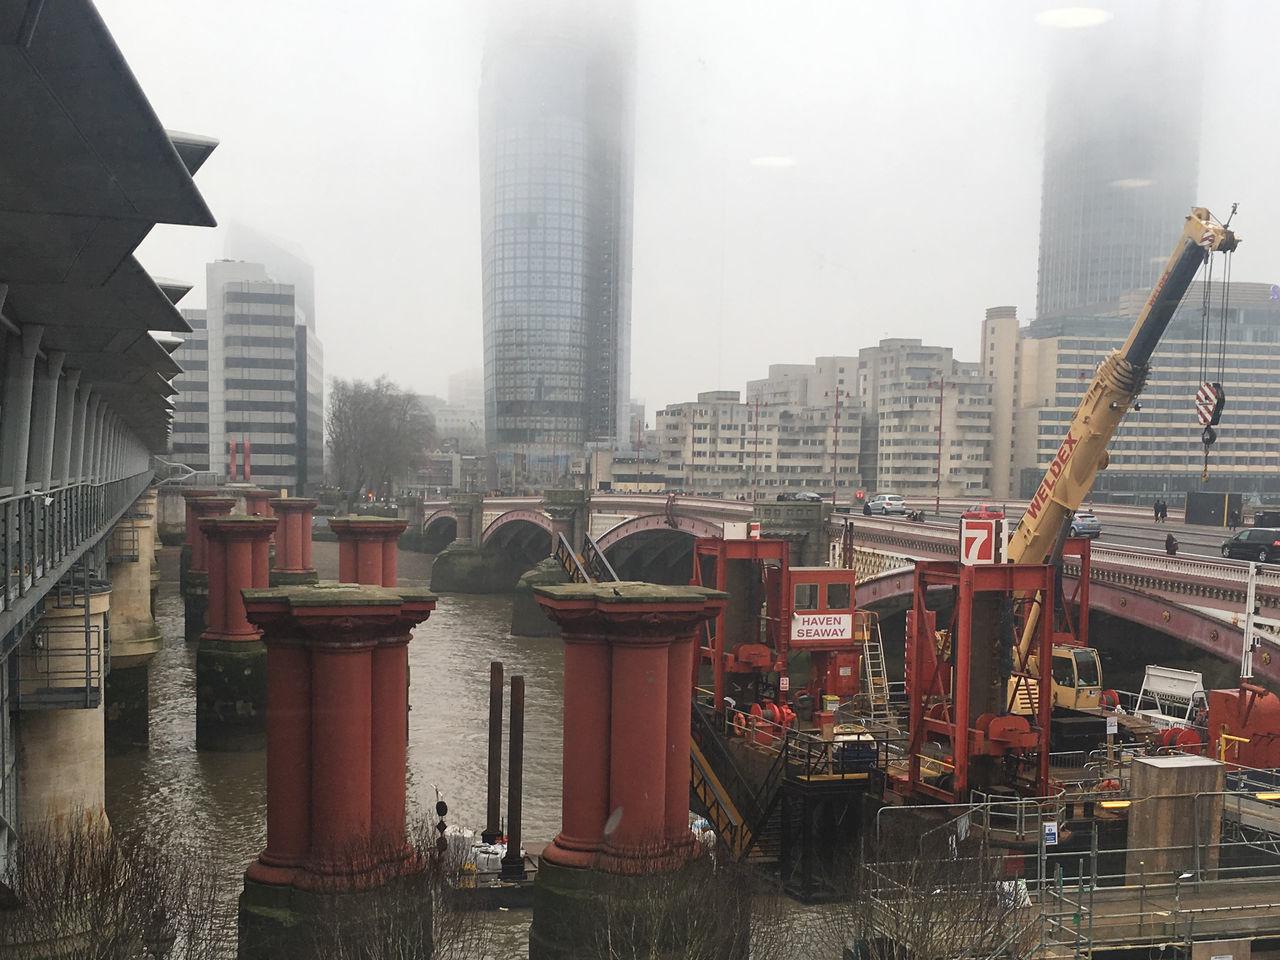 Architecture Bridge City River River Thames Unfinished Bridge